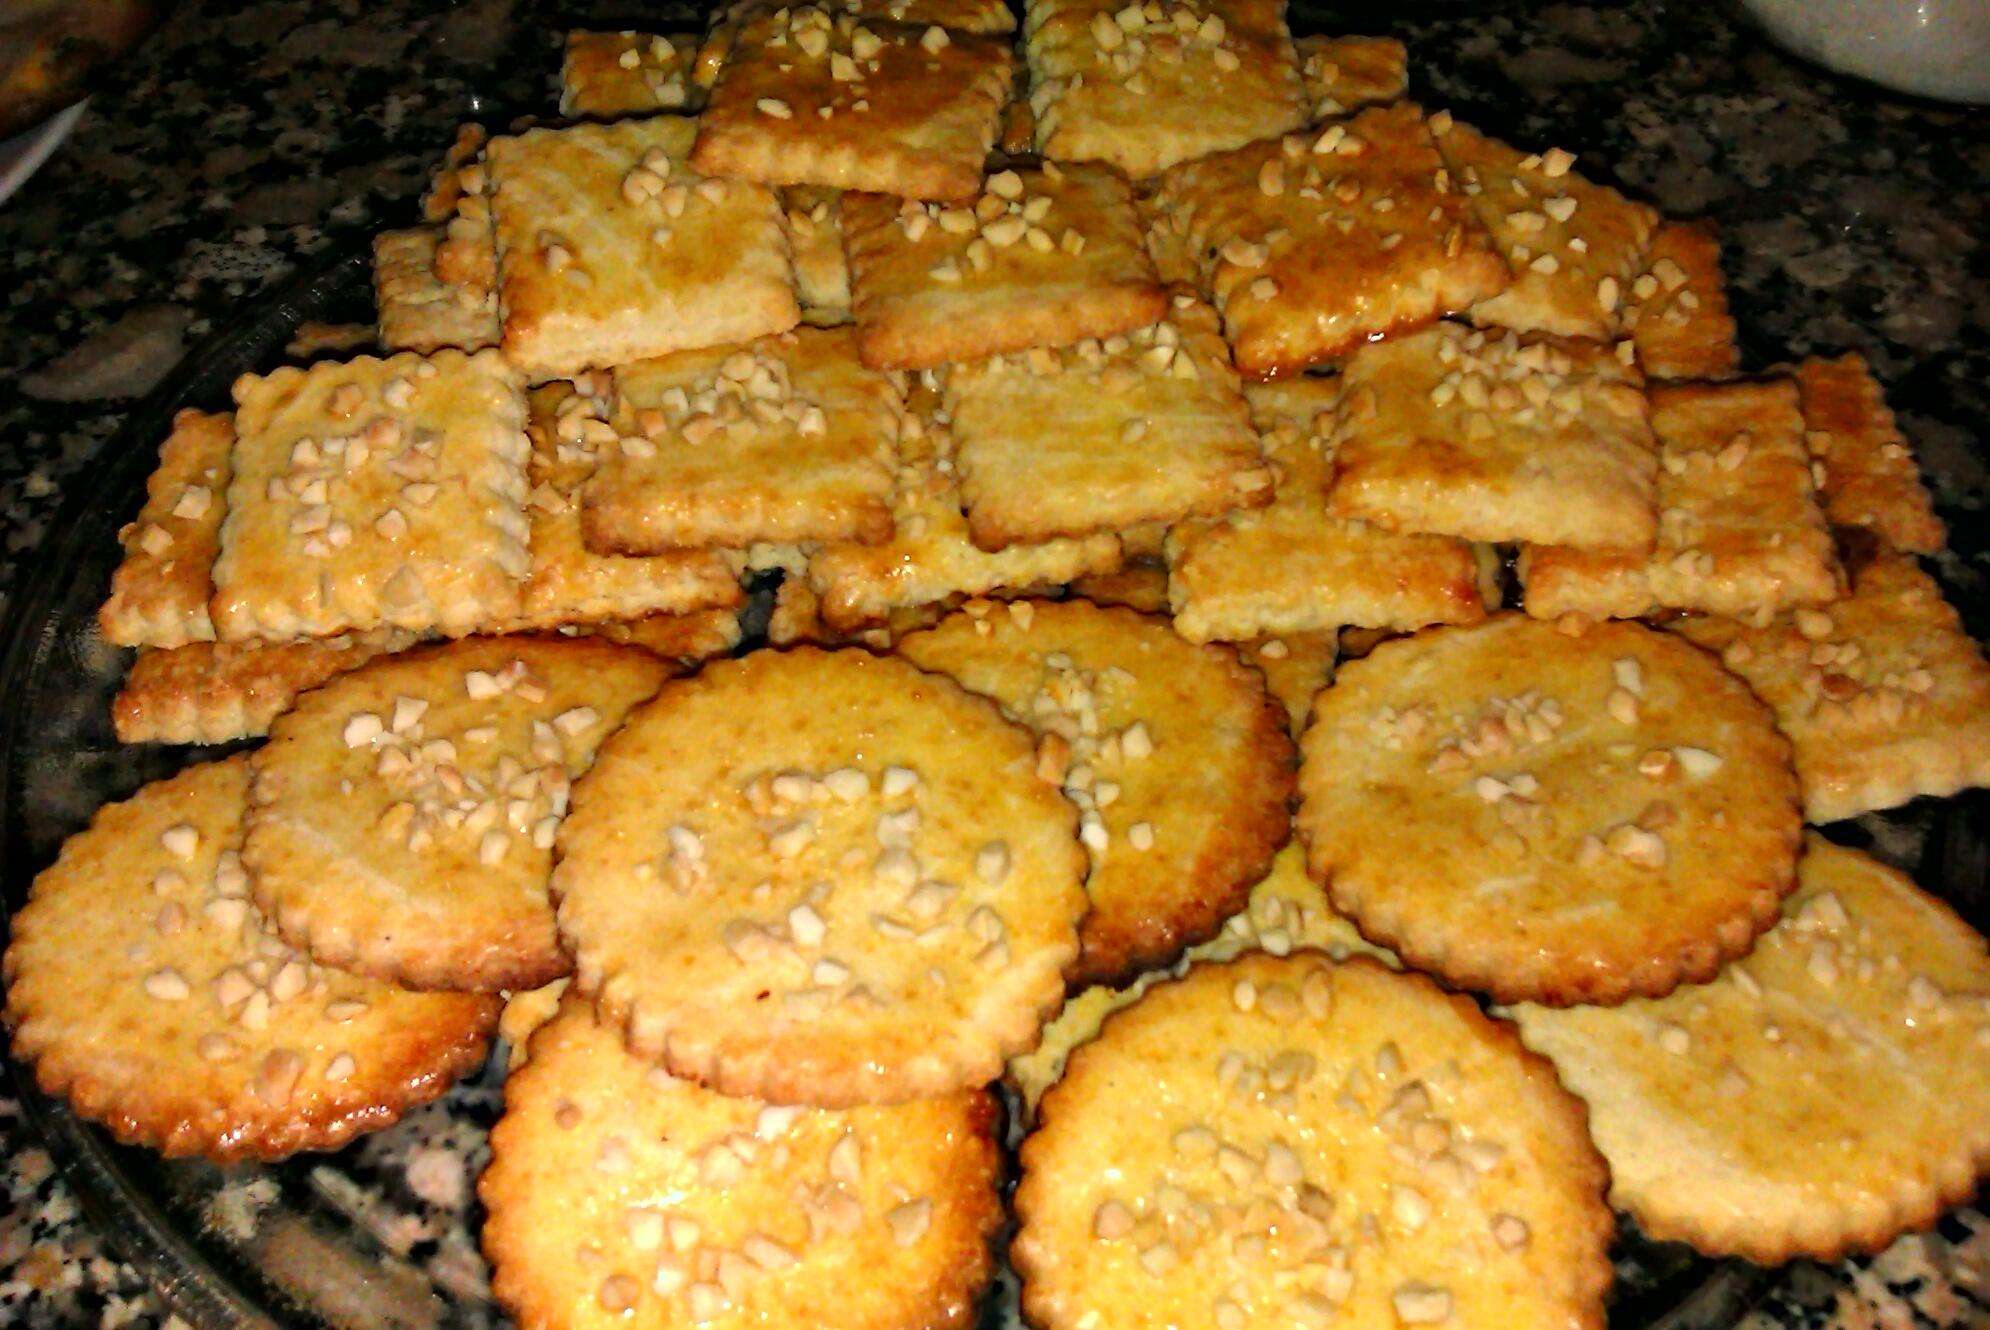 Ricas galletas con yemas de huevo